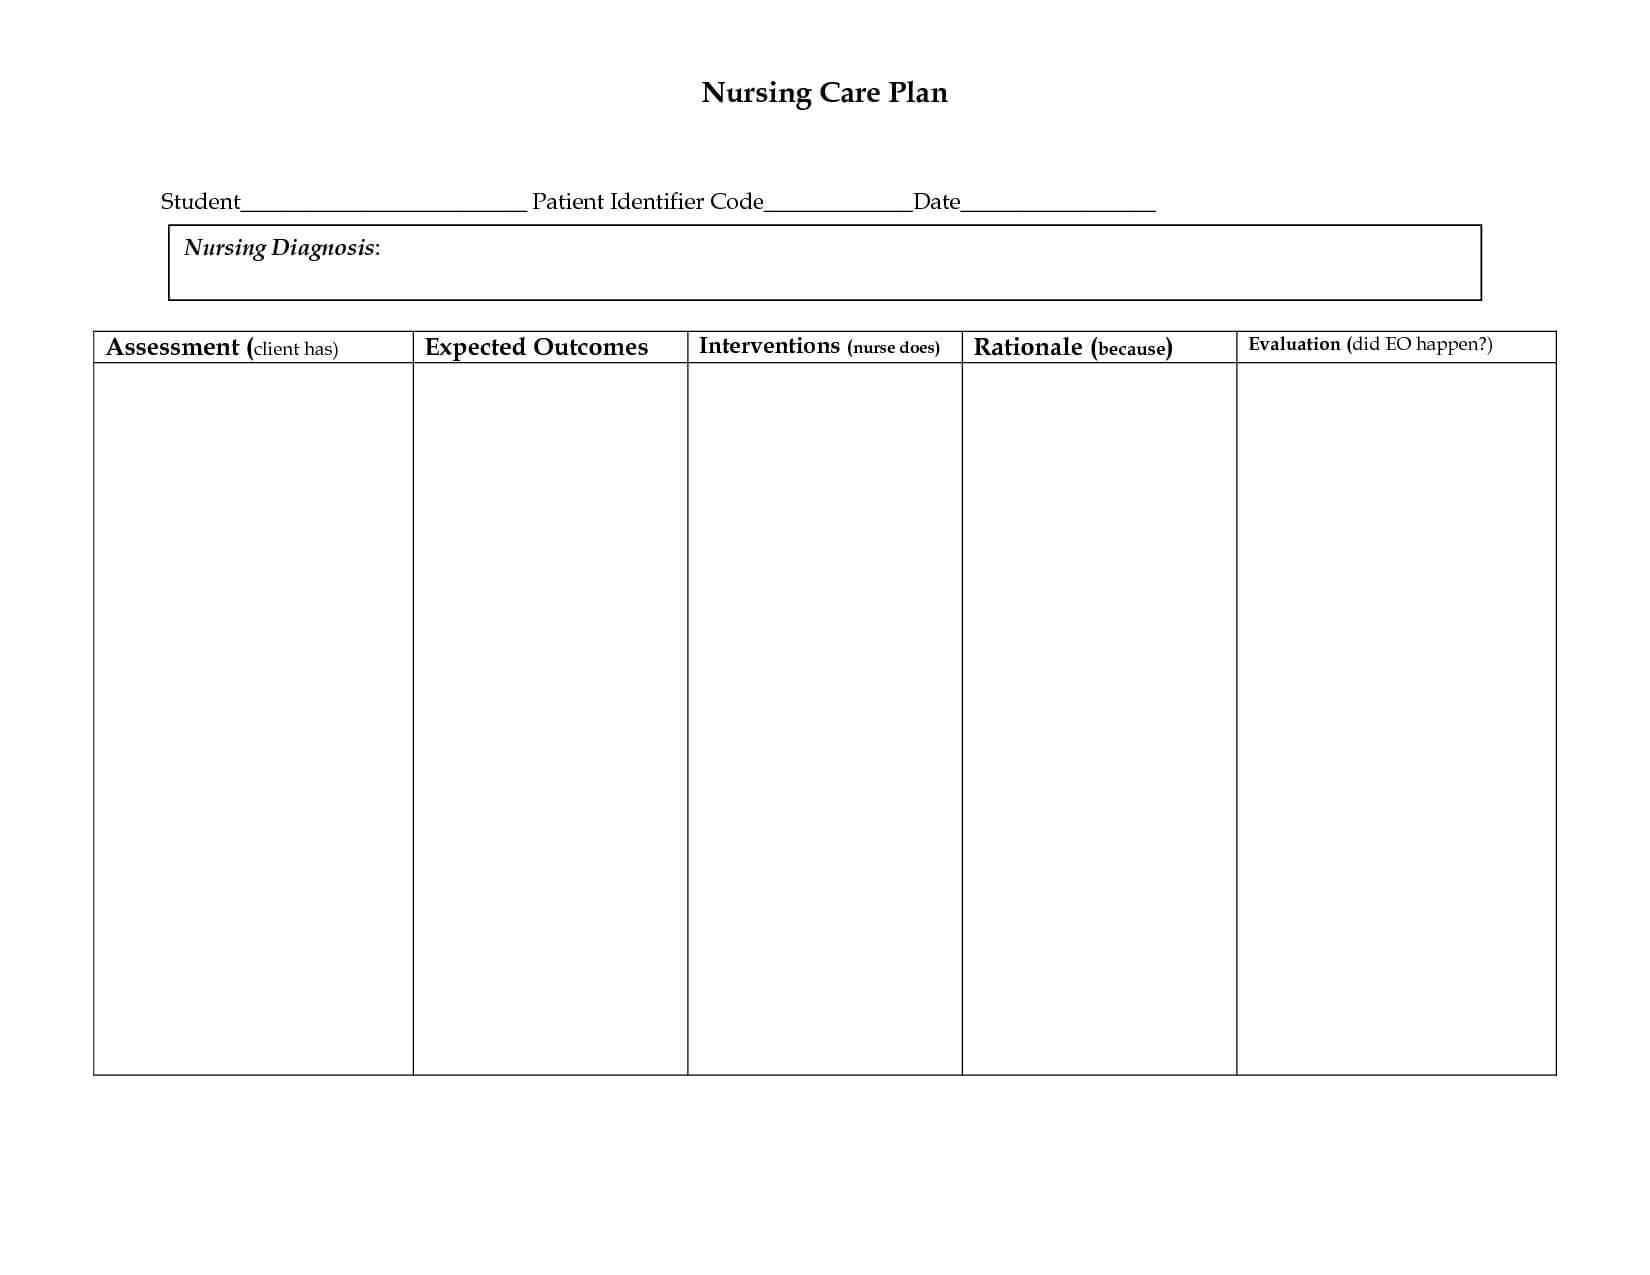 006 Nursing Care Plan Template Ideas Free Templates Business With Nursing Care Plan Template Word